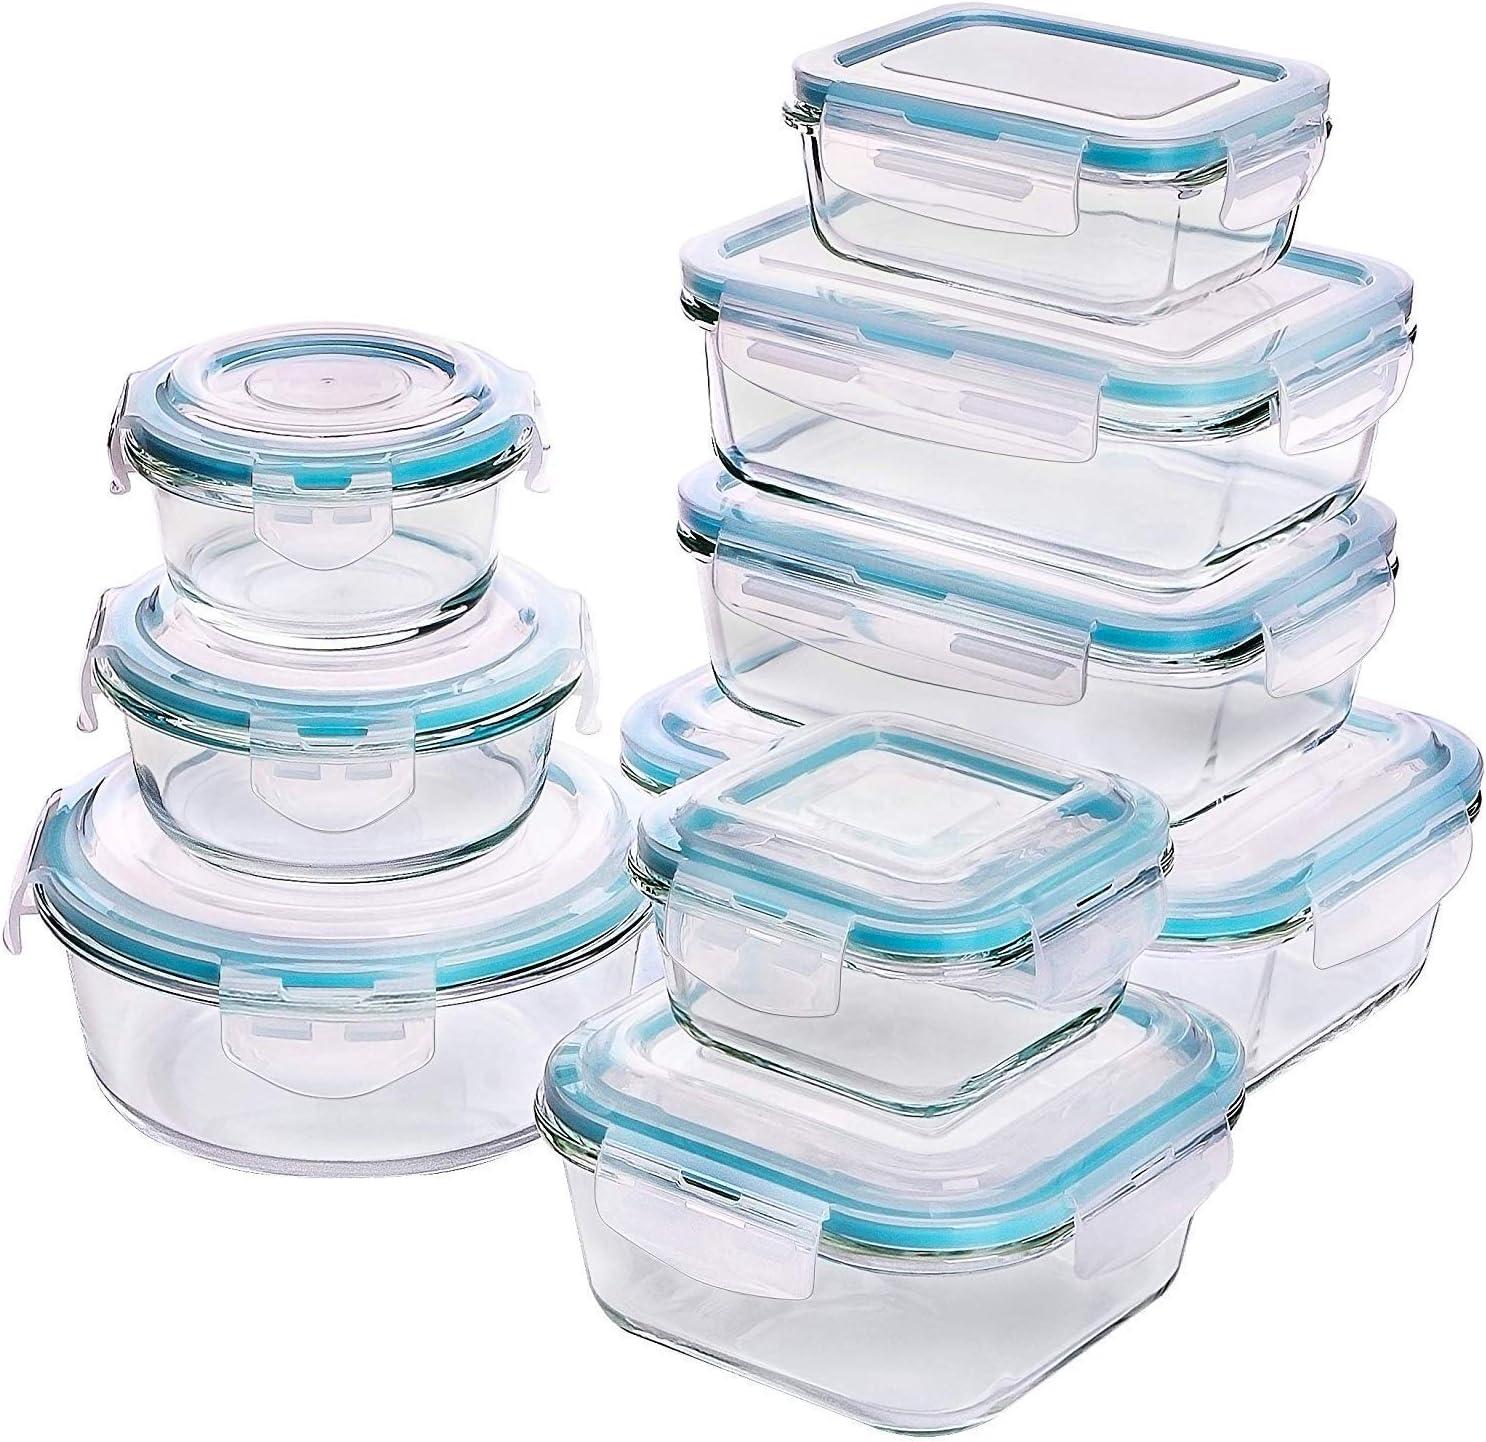 Recipiente - Contenedor de Almacenamiento de Alimentos de Vidrio - 18 piezas (9 envases + 9 tapas) Tapas transparentes - Sin BPA - Para la Cocina o el Restaurante de Uso Doméstico – por KICHLY